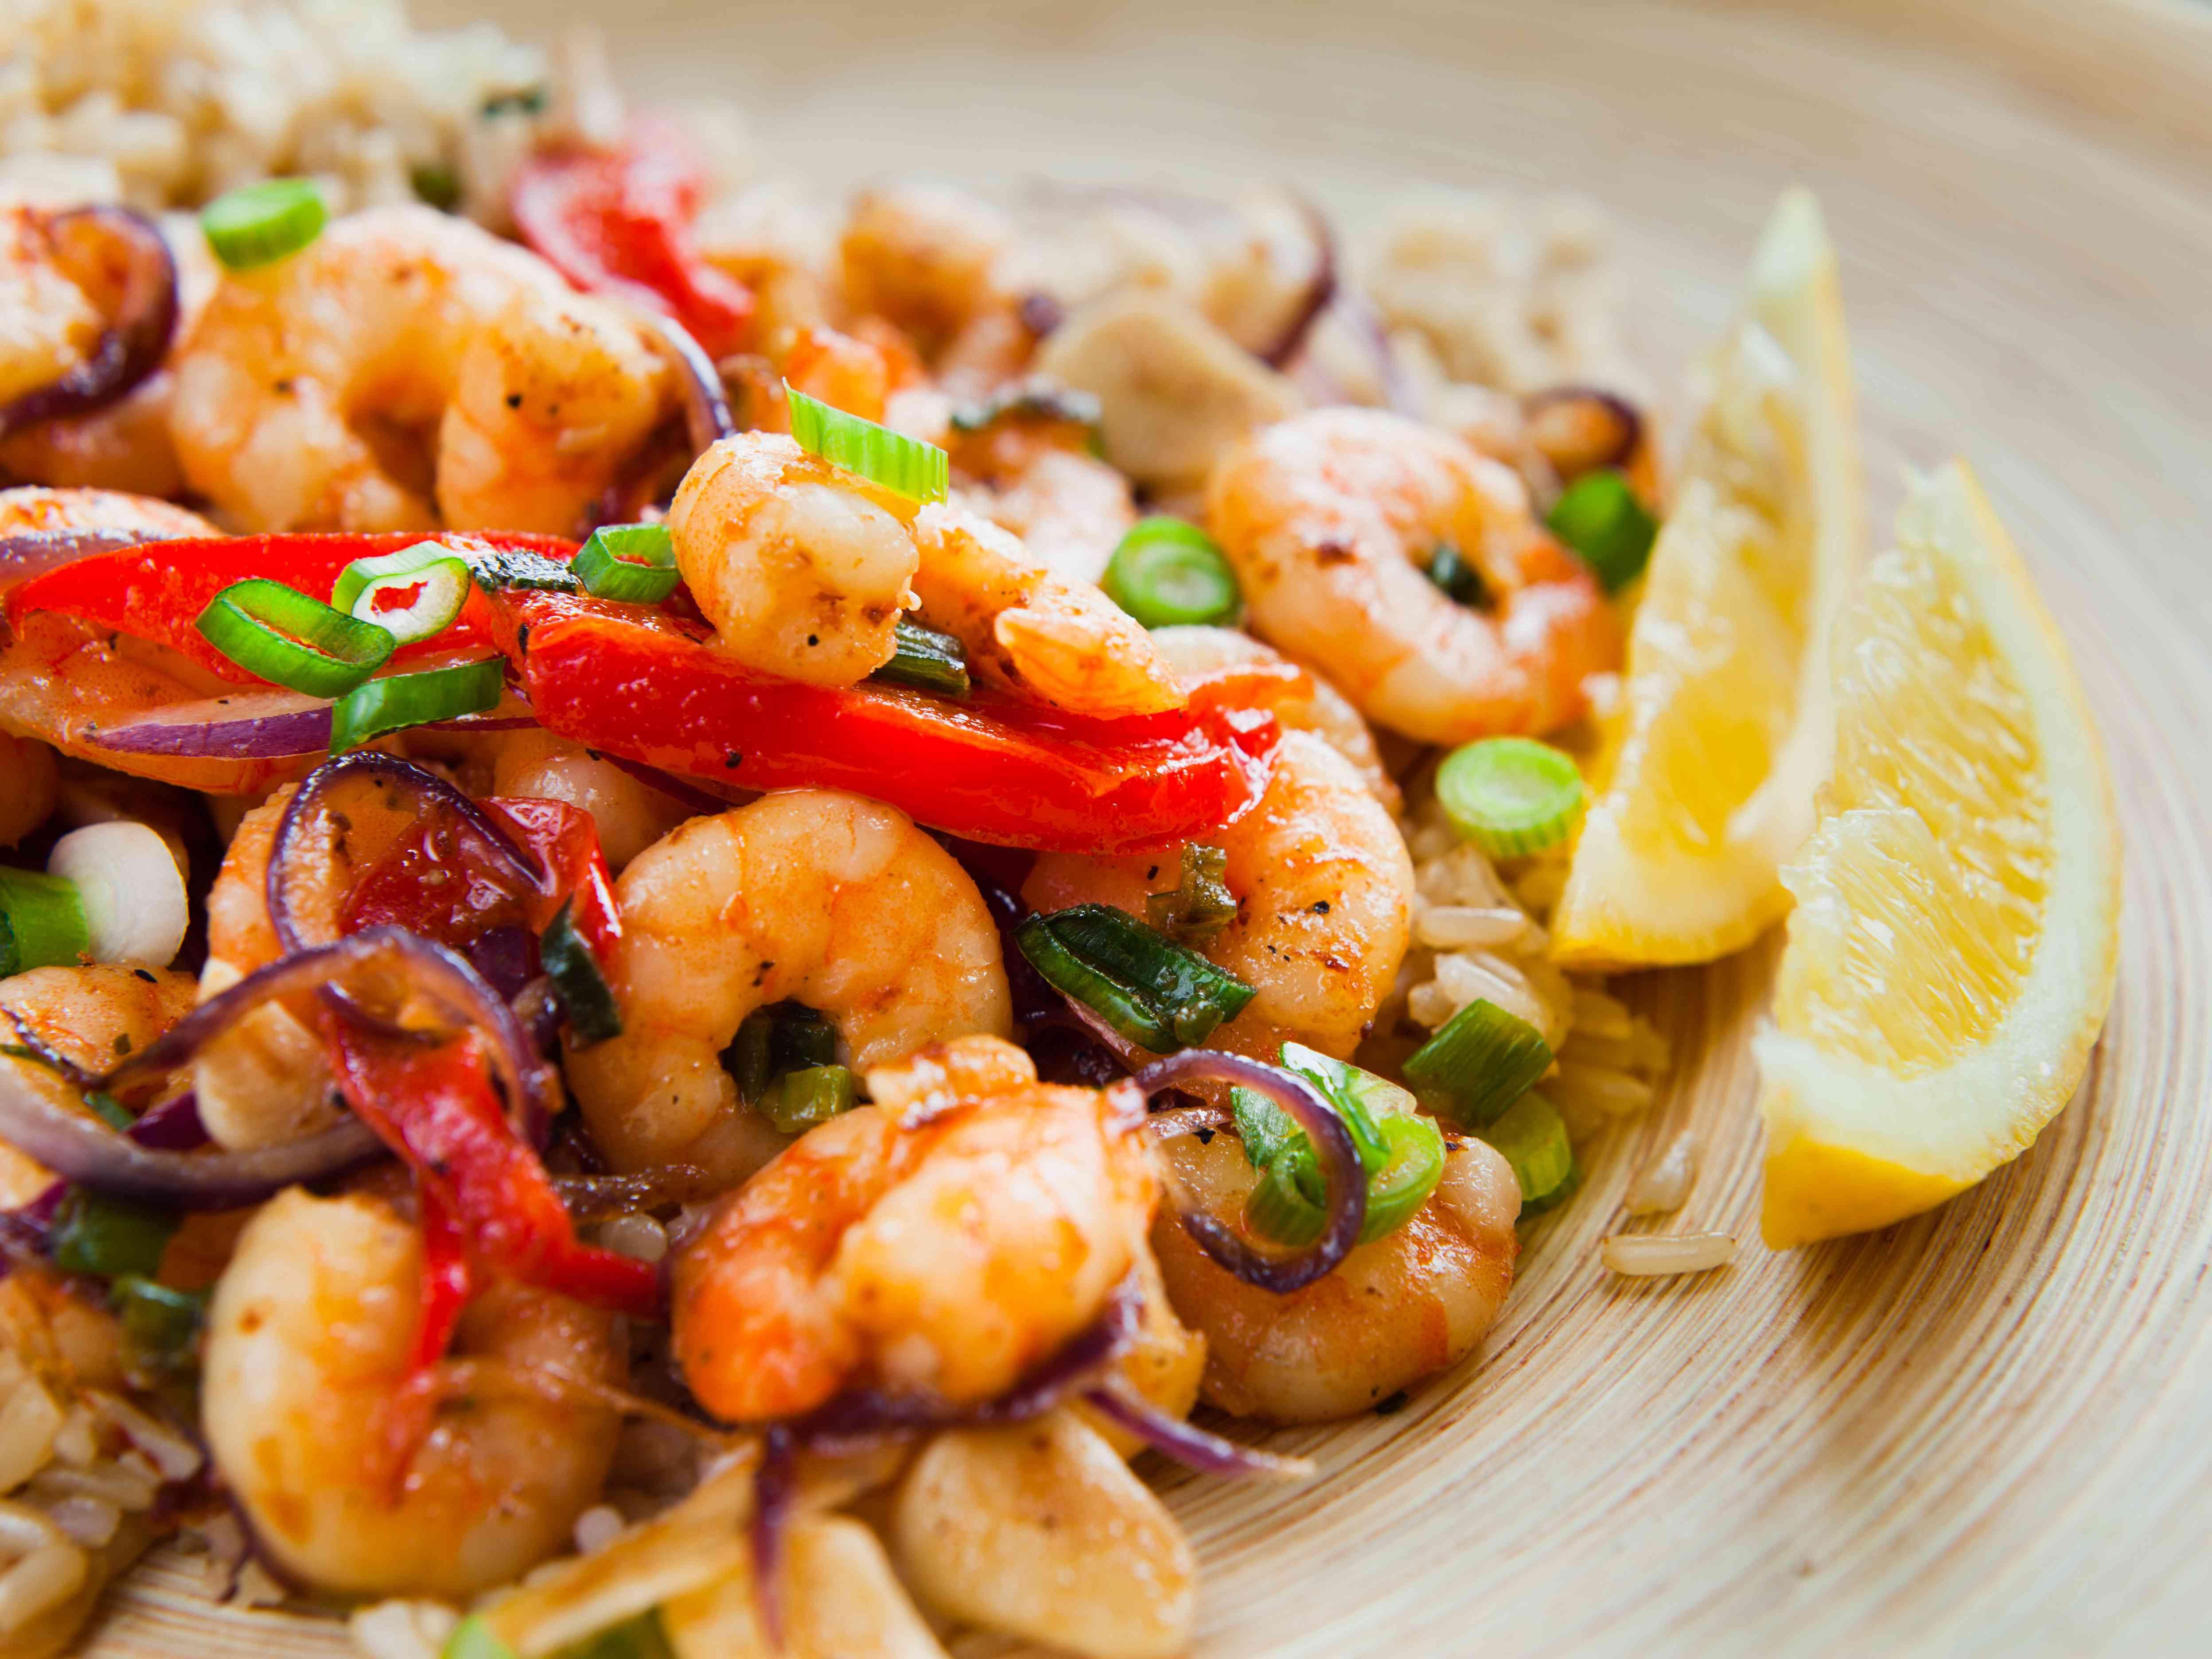 Shrimp rice